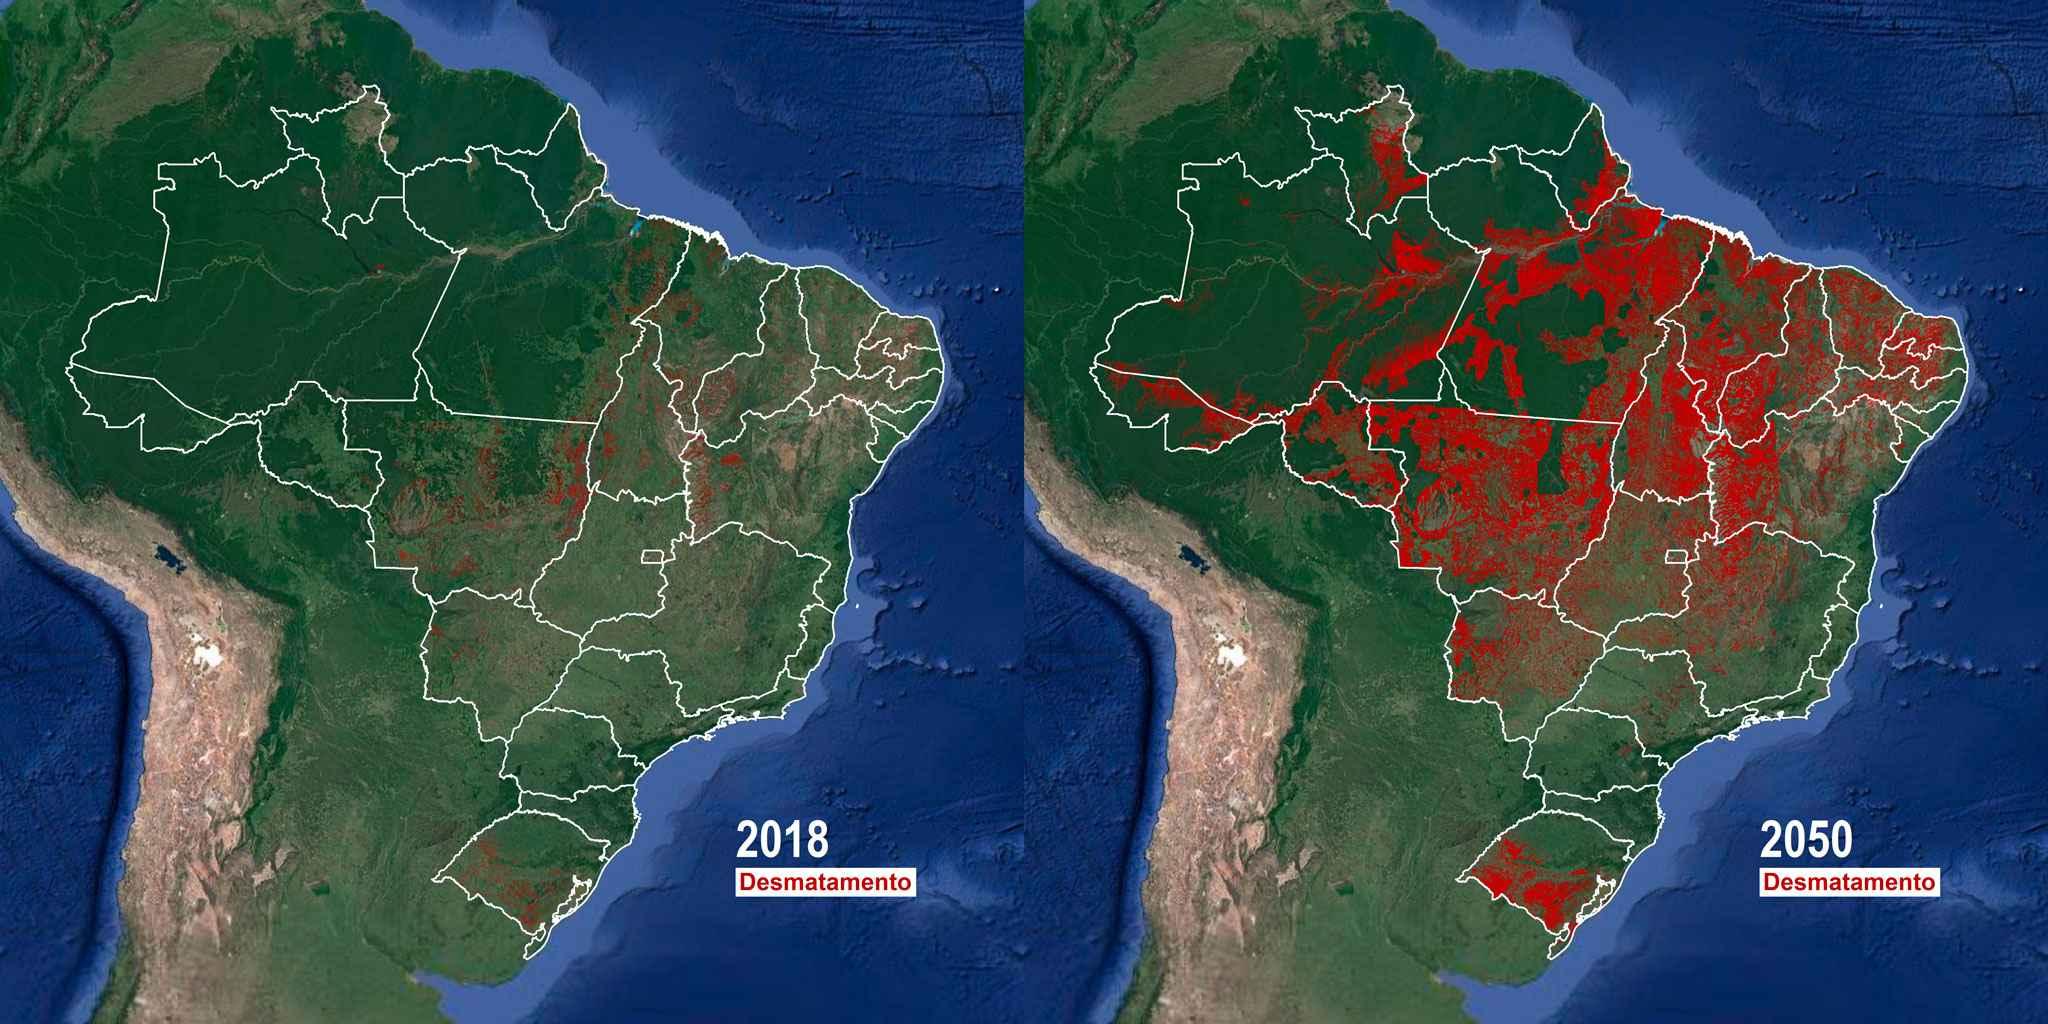 Mapas mostram evolução do desmatamento de 2018 a 2050